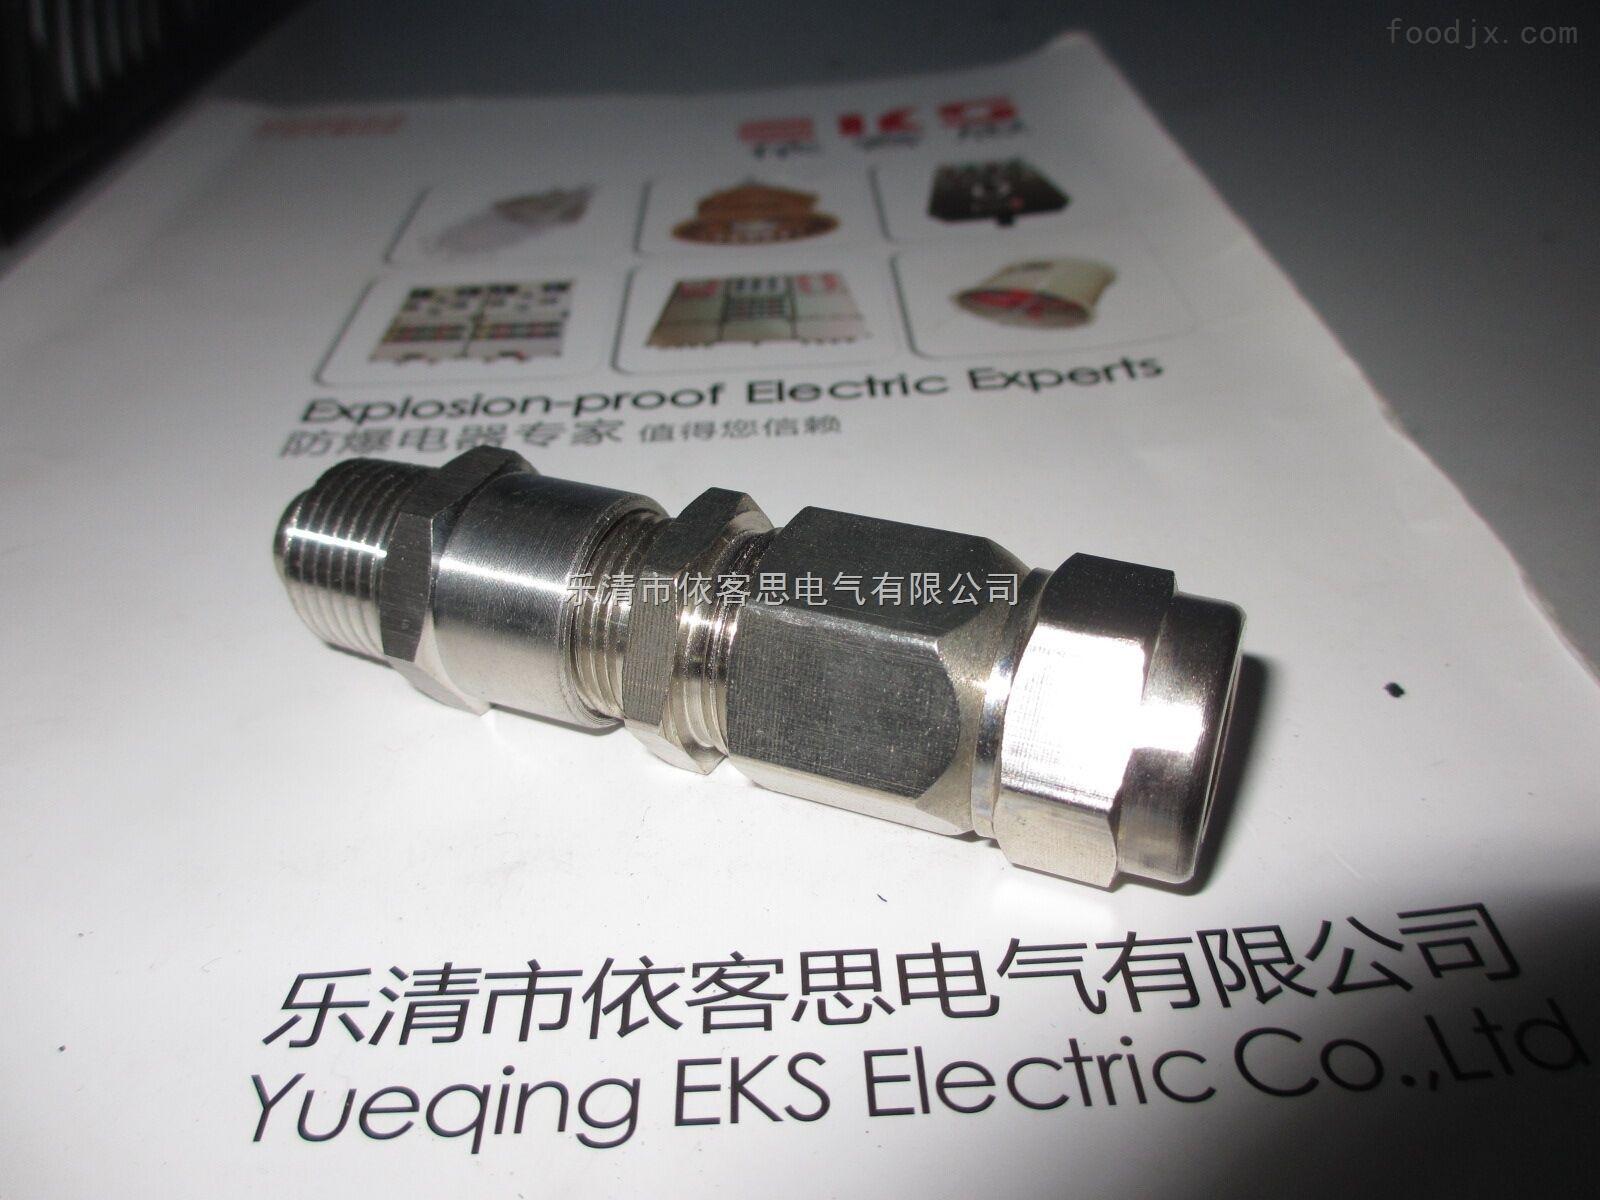 锁铠电缆格兰头DQM-VIIIG3/4/不锈钢格兰头